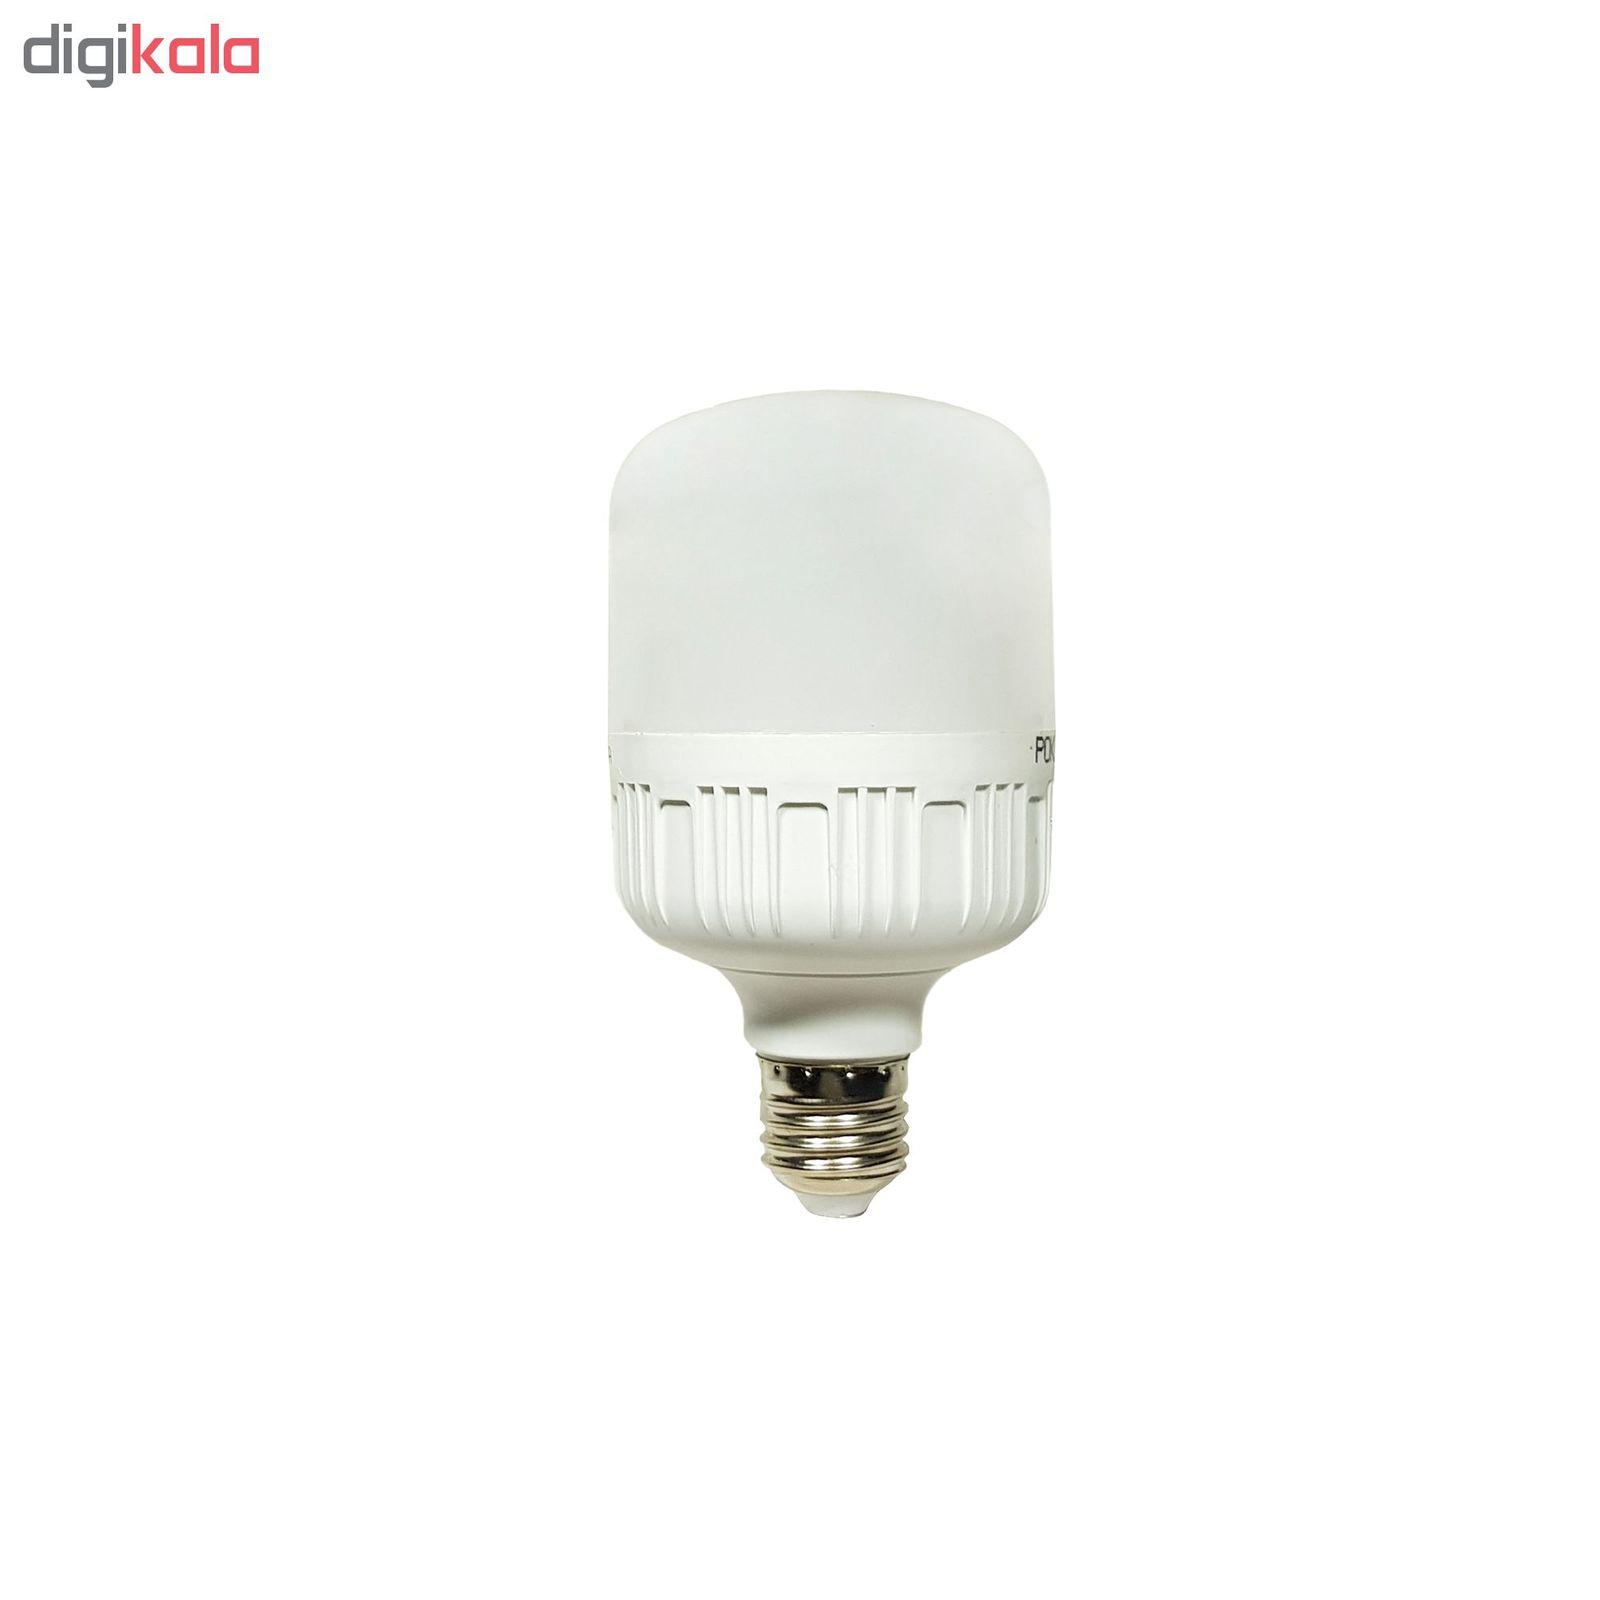 لامپ ال ای دی 40 وات پوکلا کد SH_4040  main 1 1